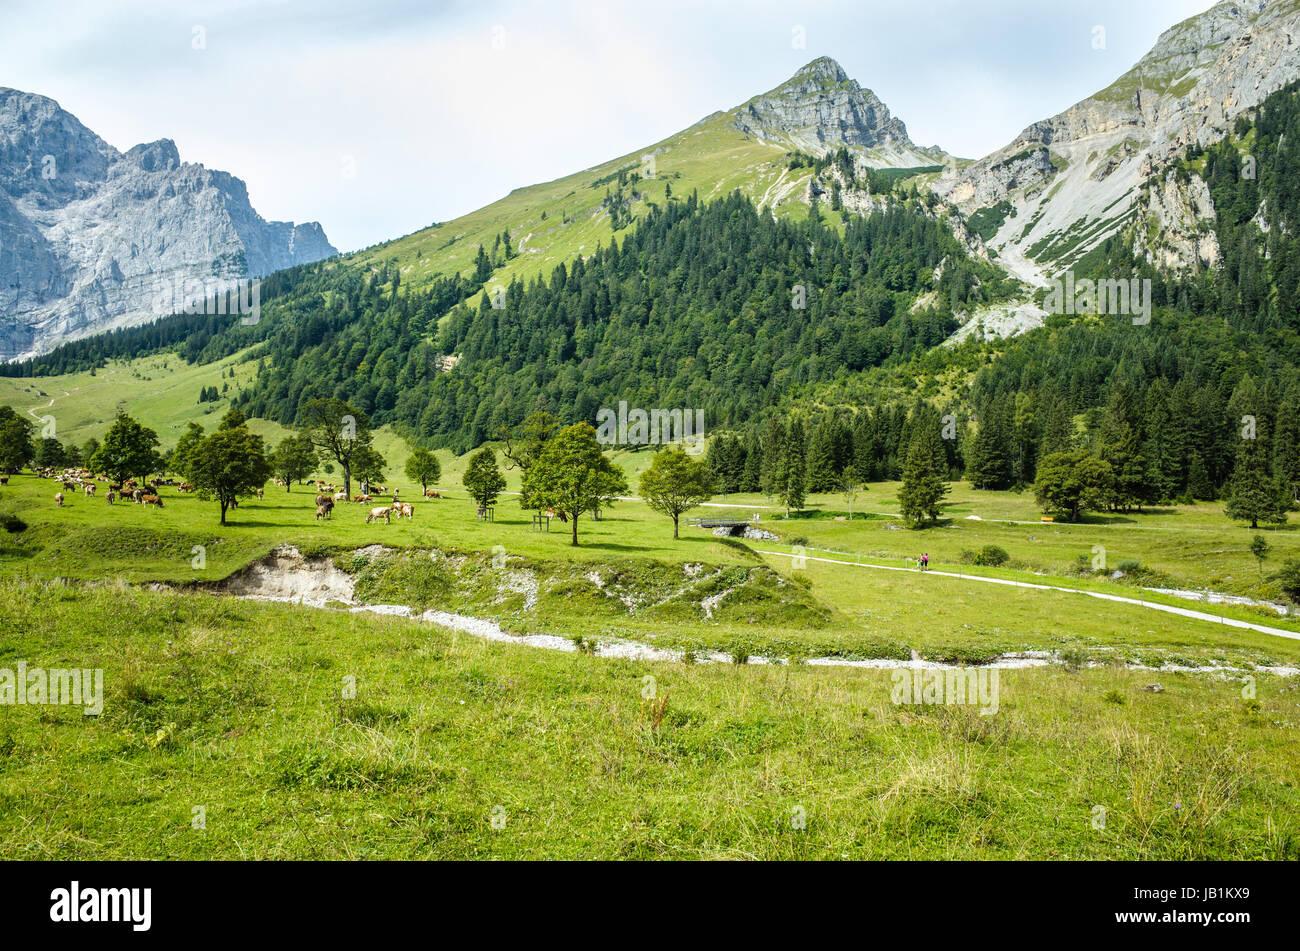 Alpenpark Karwendel - Stock Image